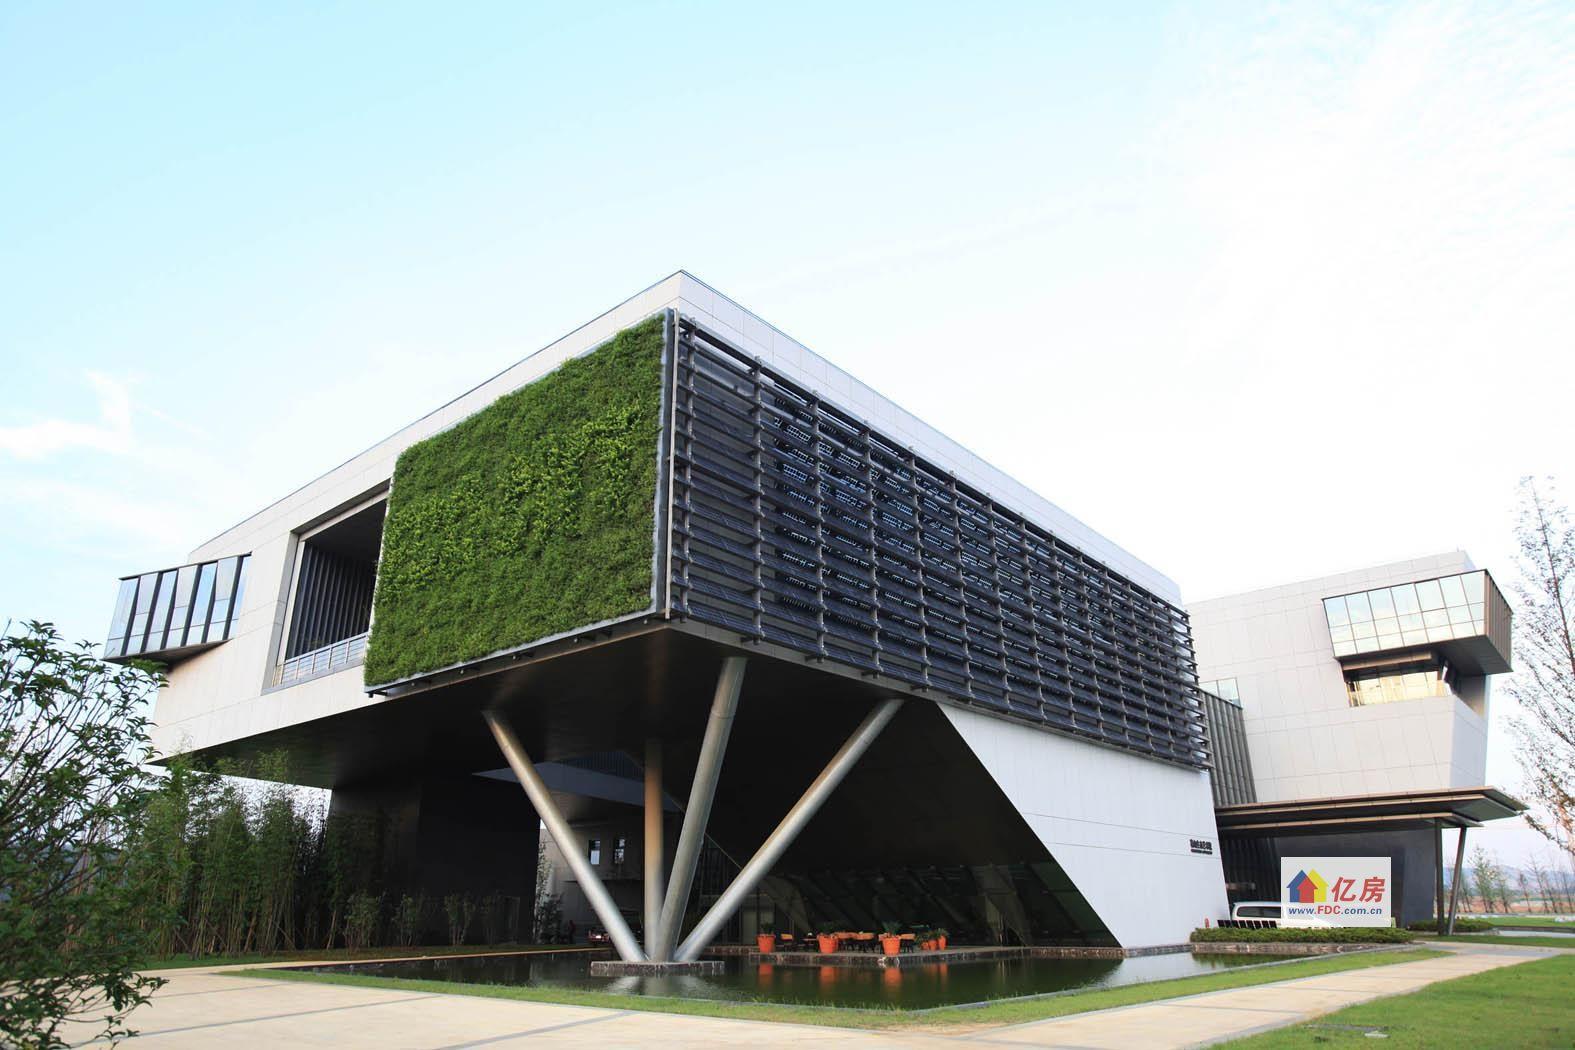 千亿级武汉软件新城助力碧桂园生态城腾飞